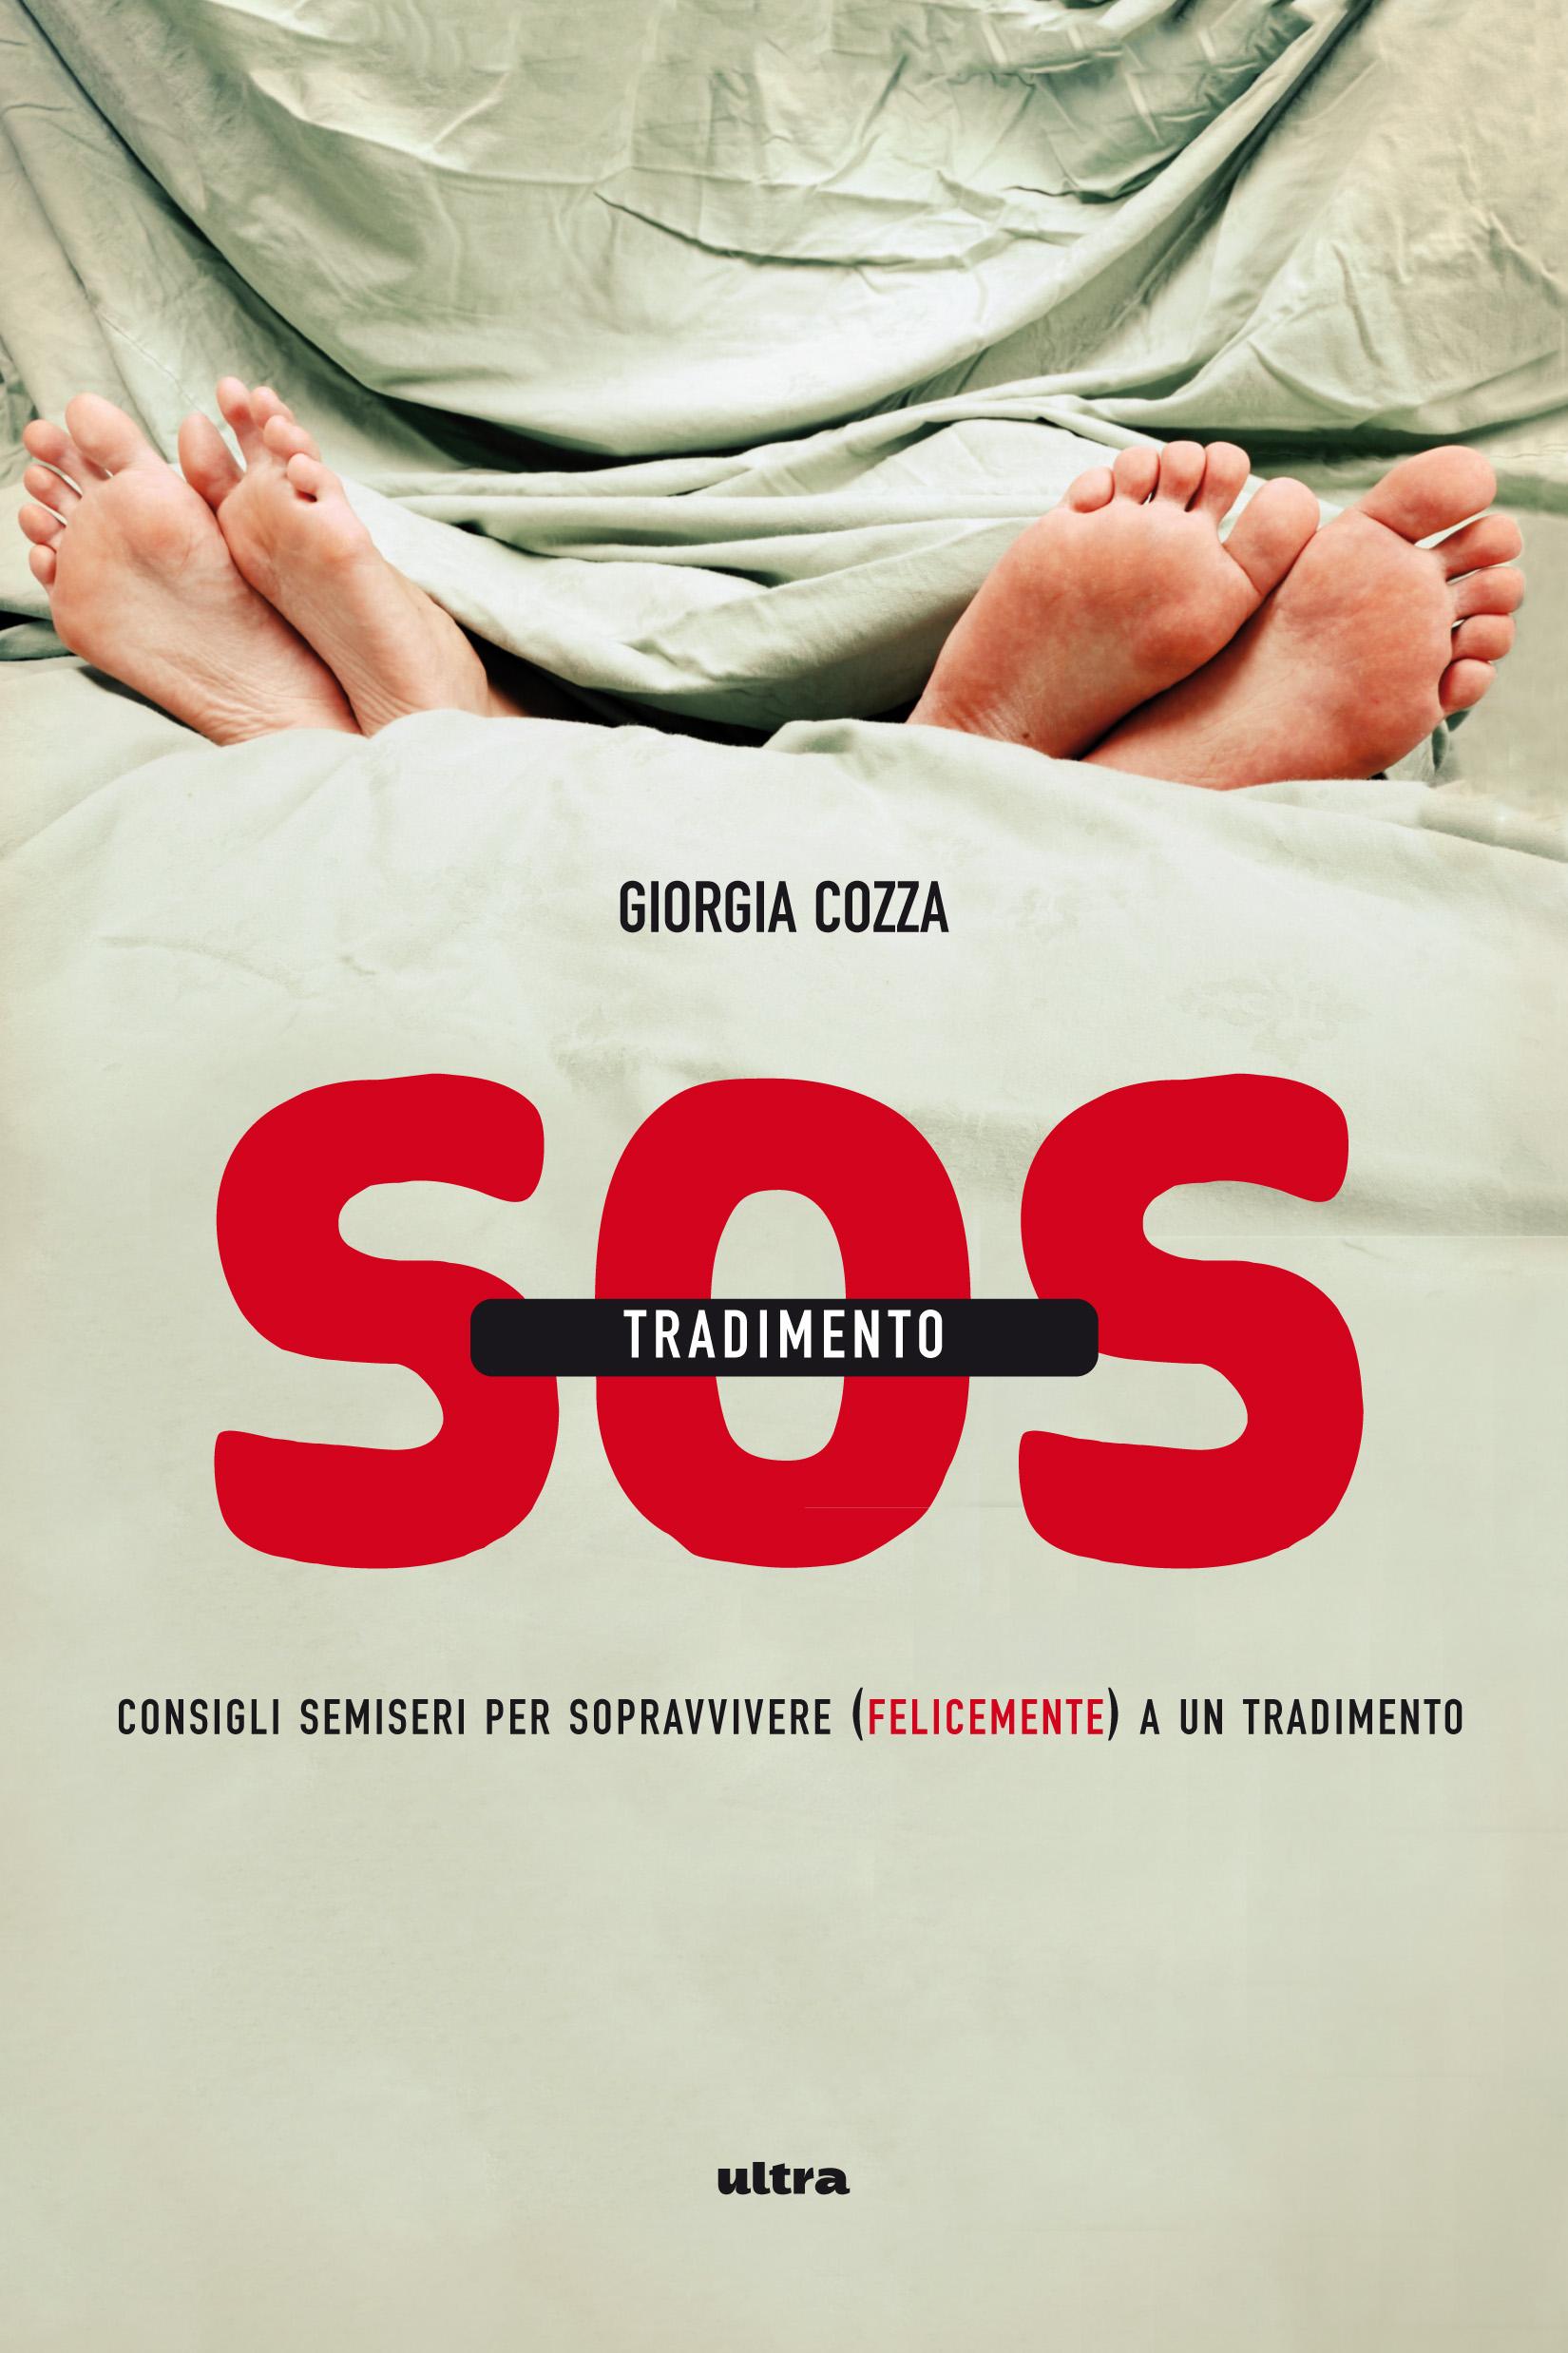 SOS tradimento